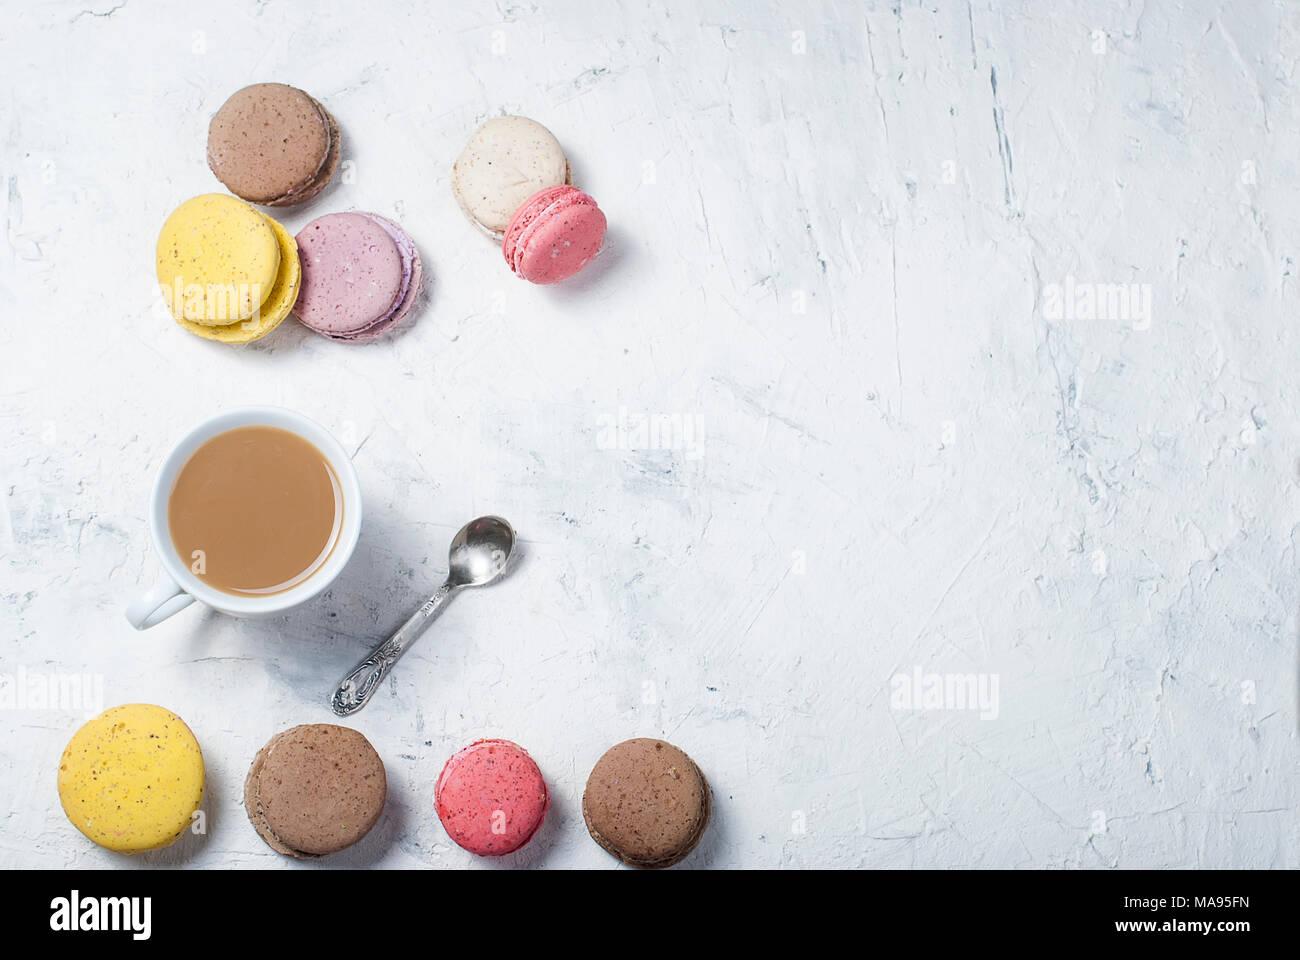 Tasse Kaffee mit Milch und bunten makaoouns auf einem hellen Hintergrund. Ansicht von oben. Kopieren Sie Platz. Stockbild